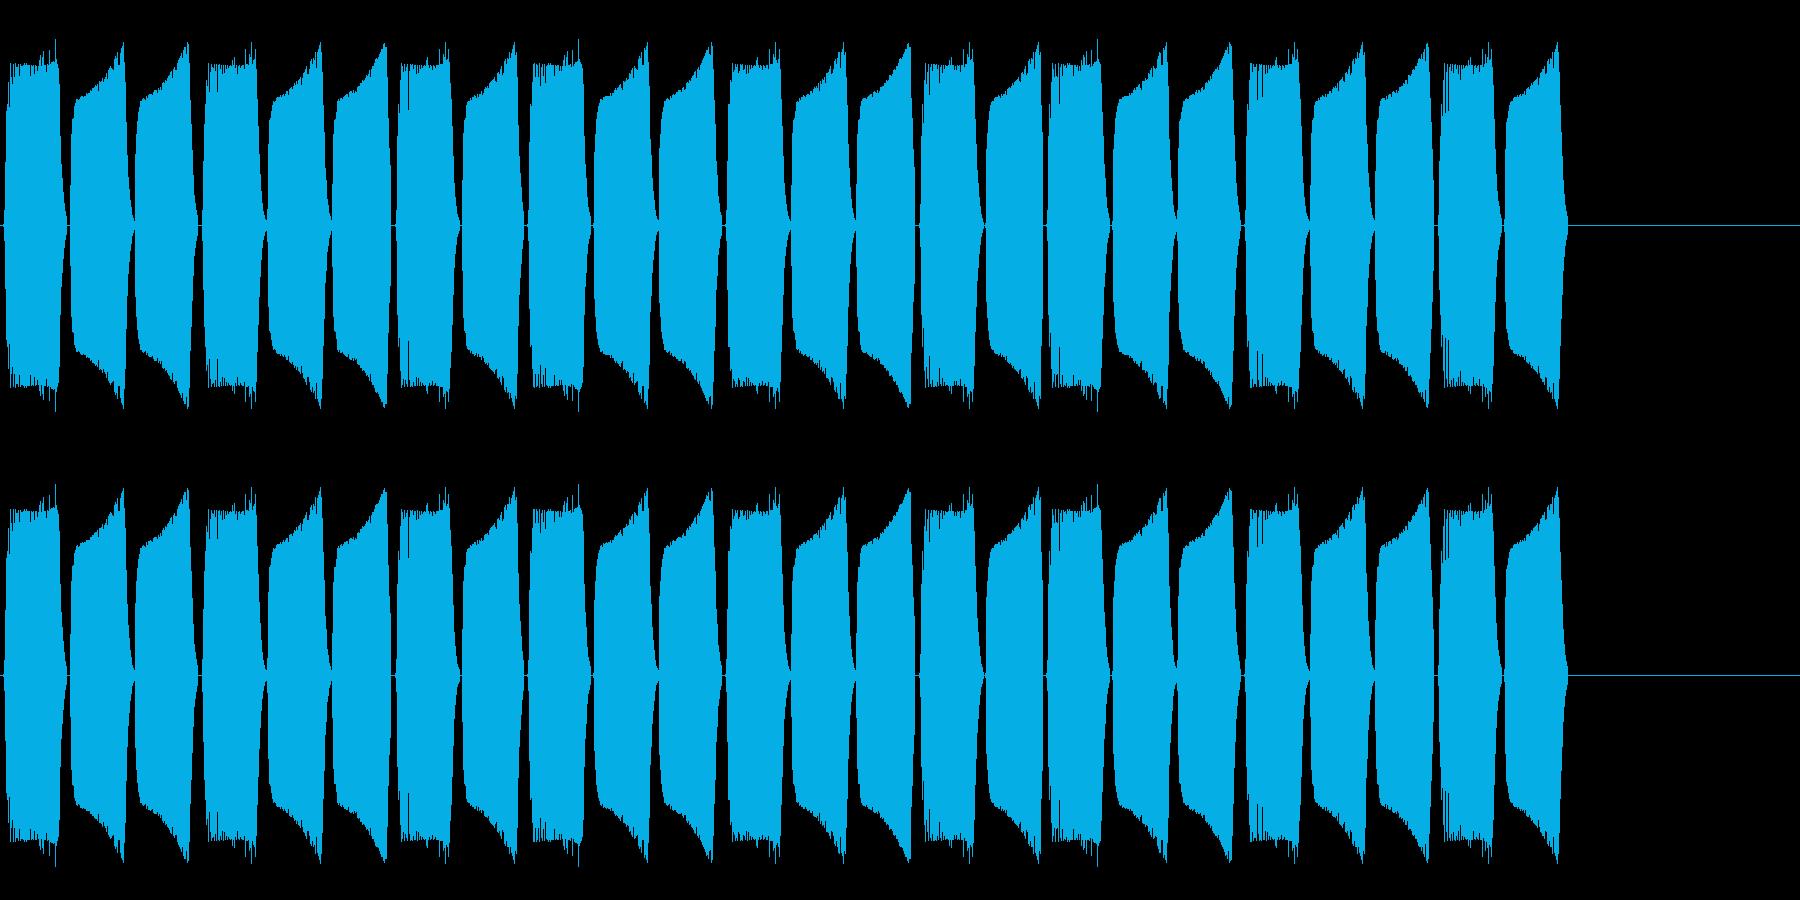 KANTブパ自主規制音2longの再生済みの波形